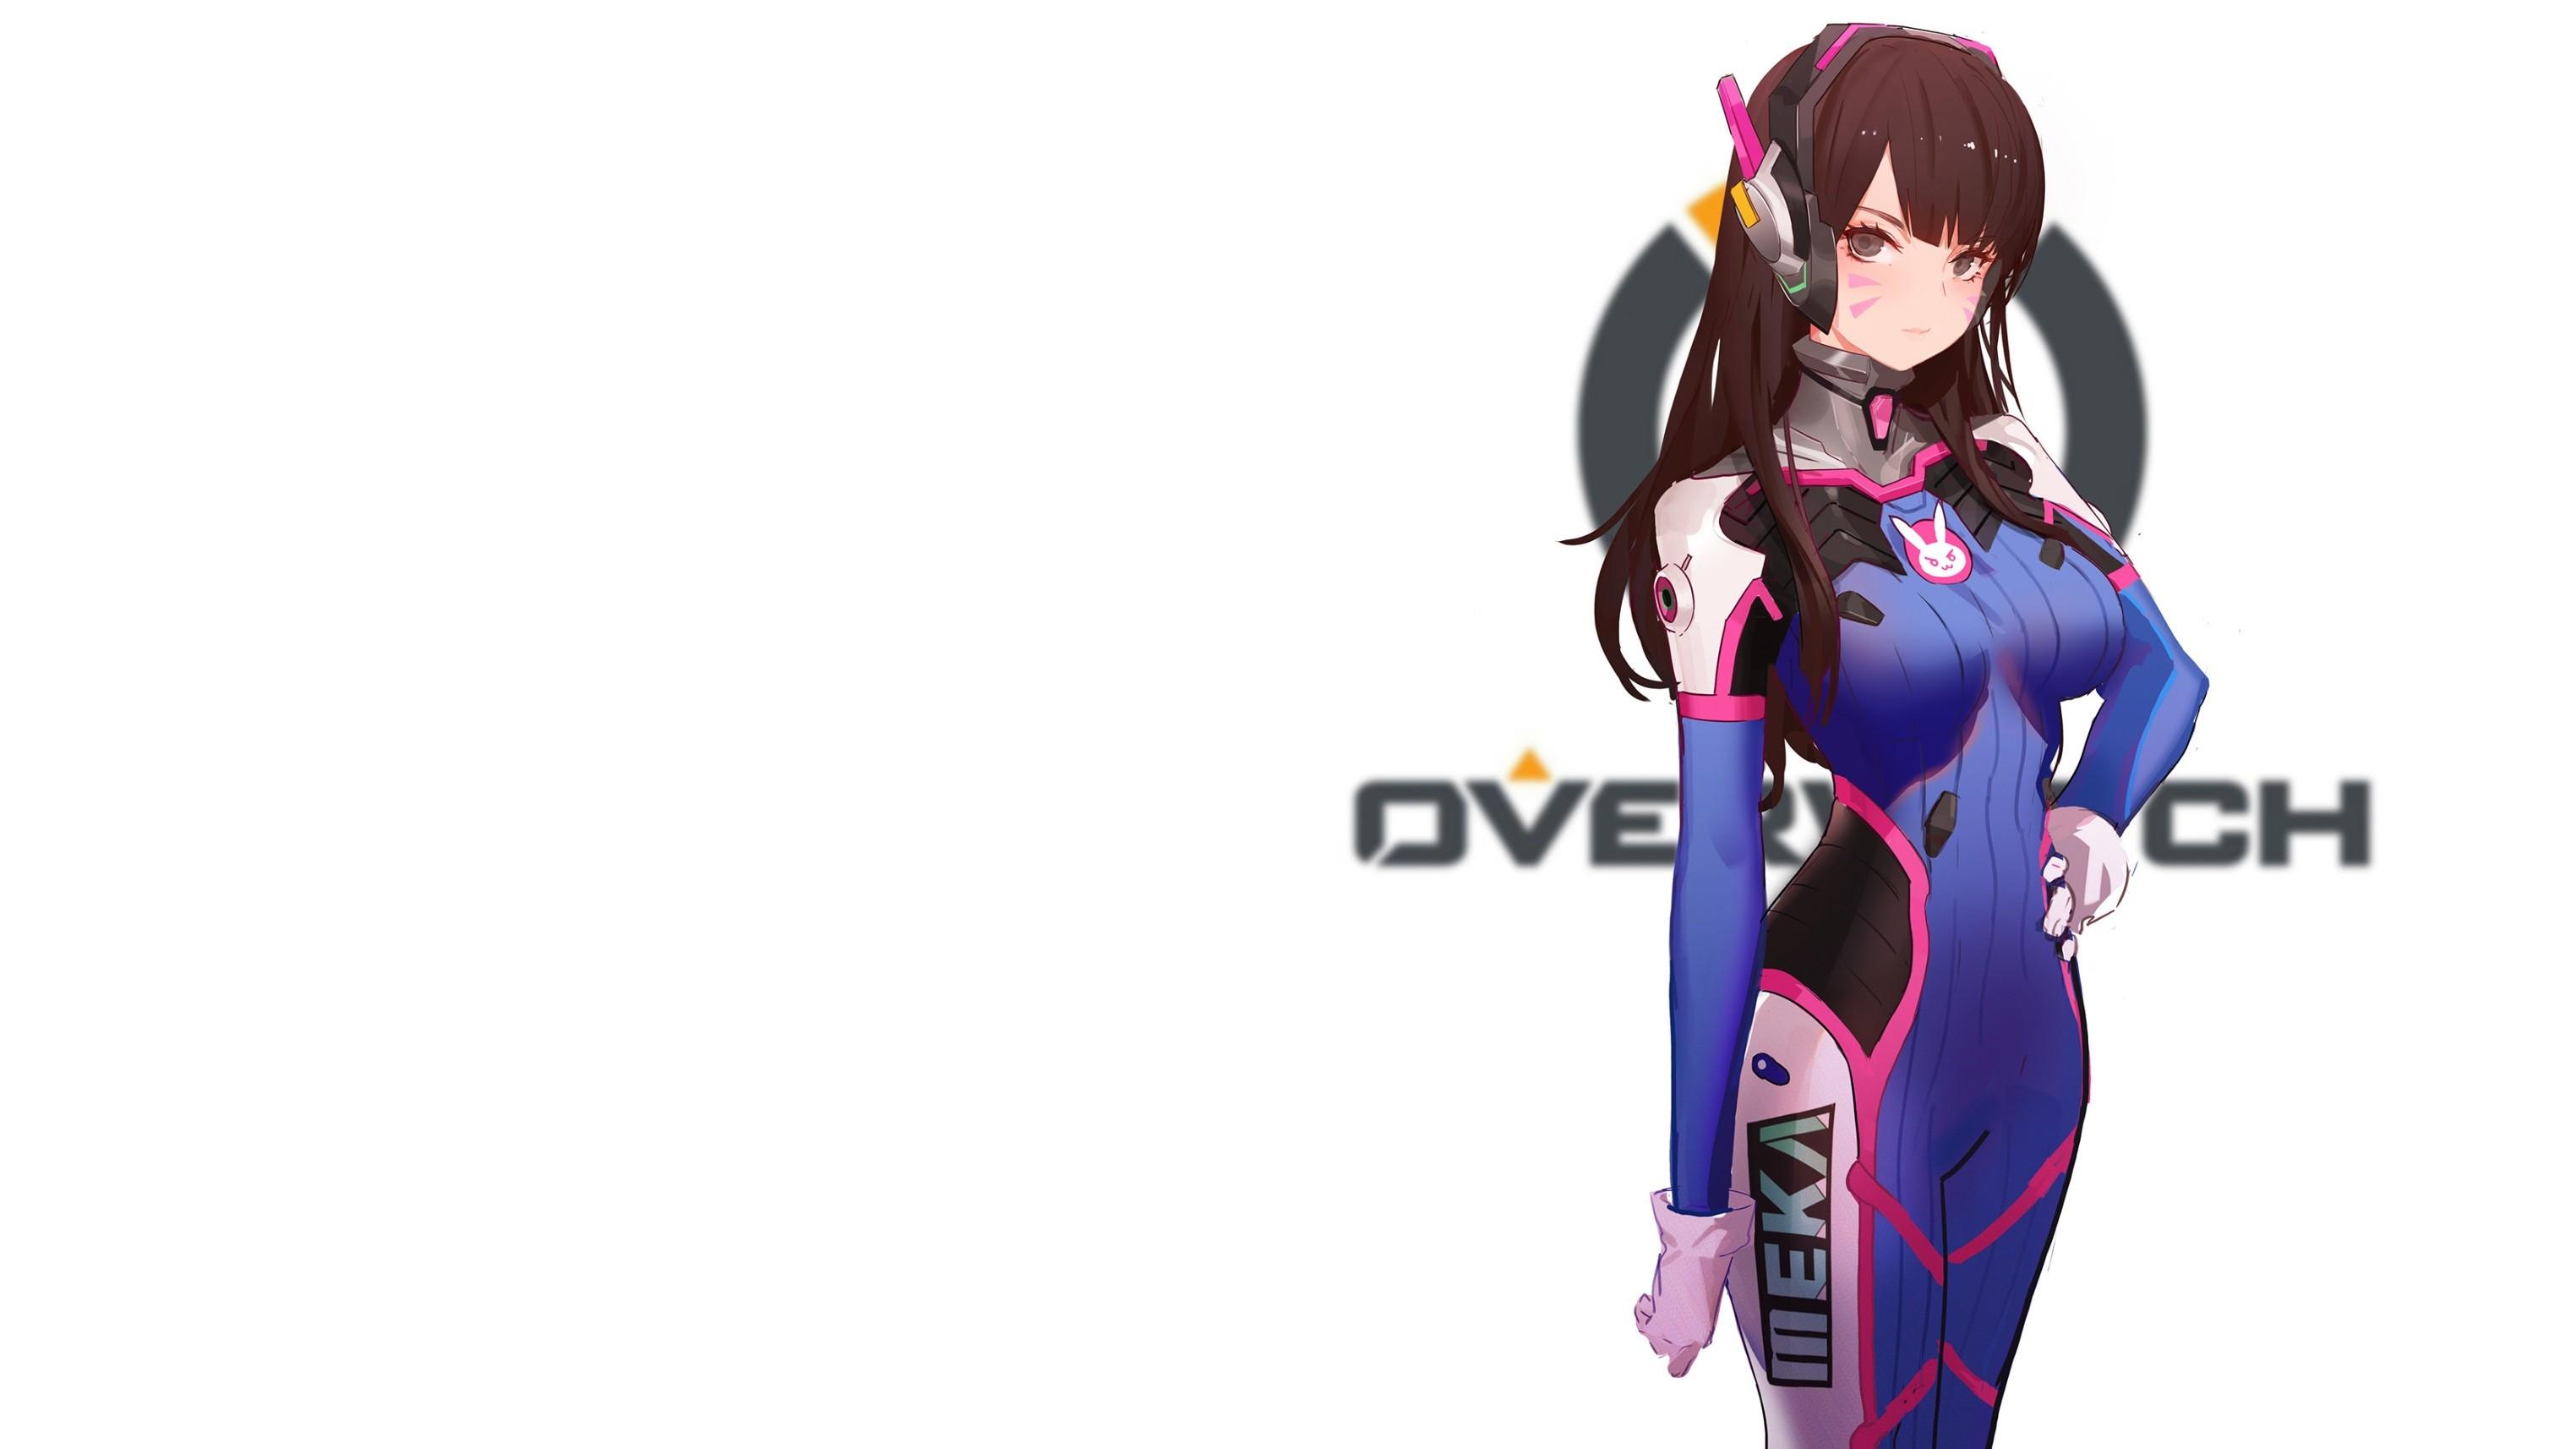 D Va Overwatch 3048x1714